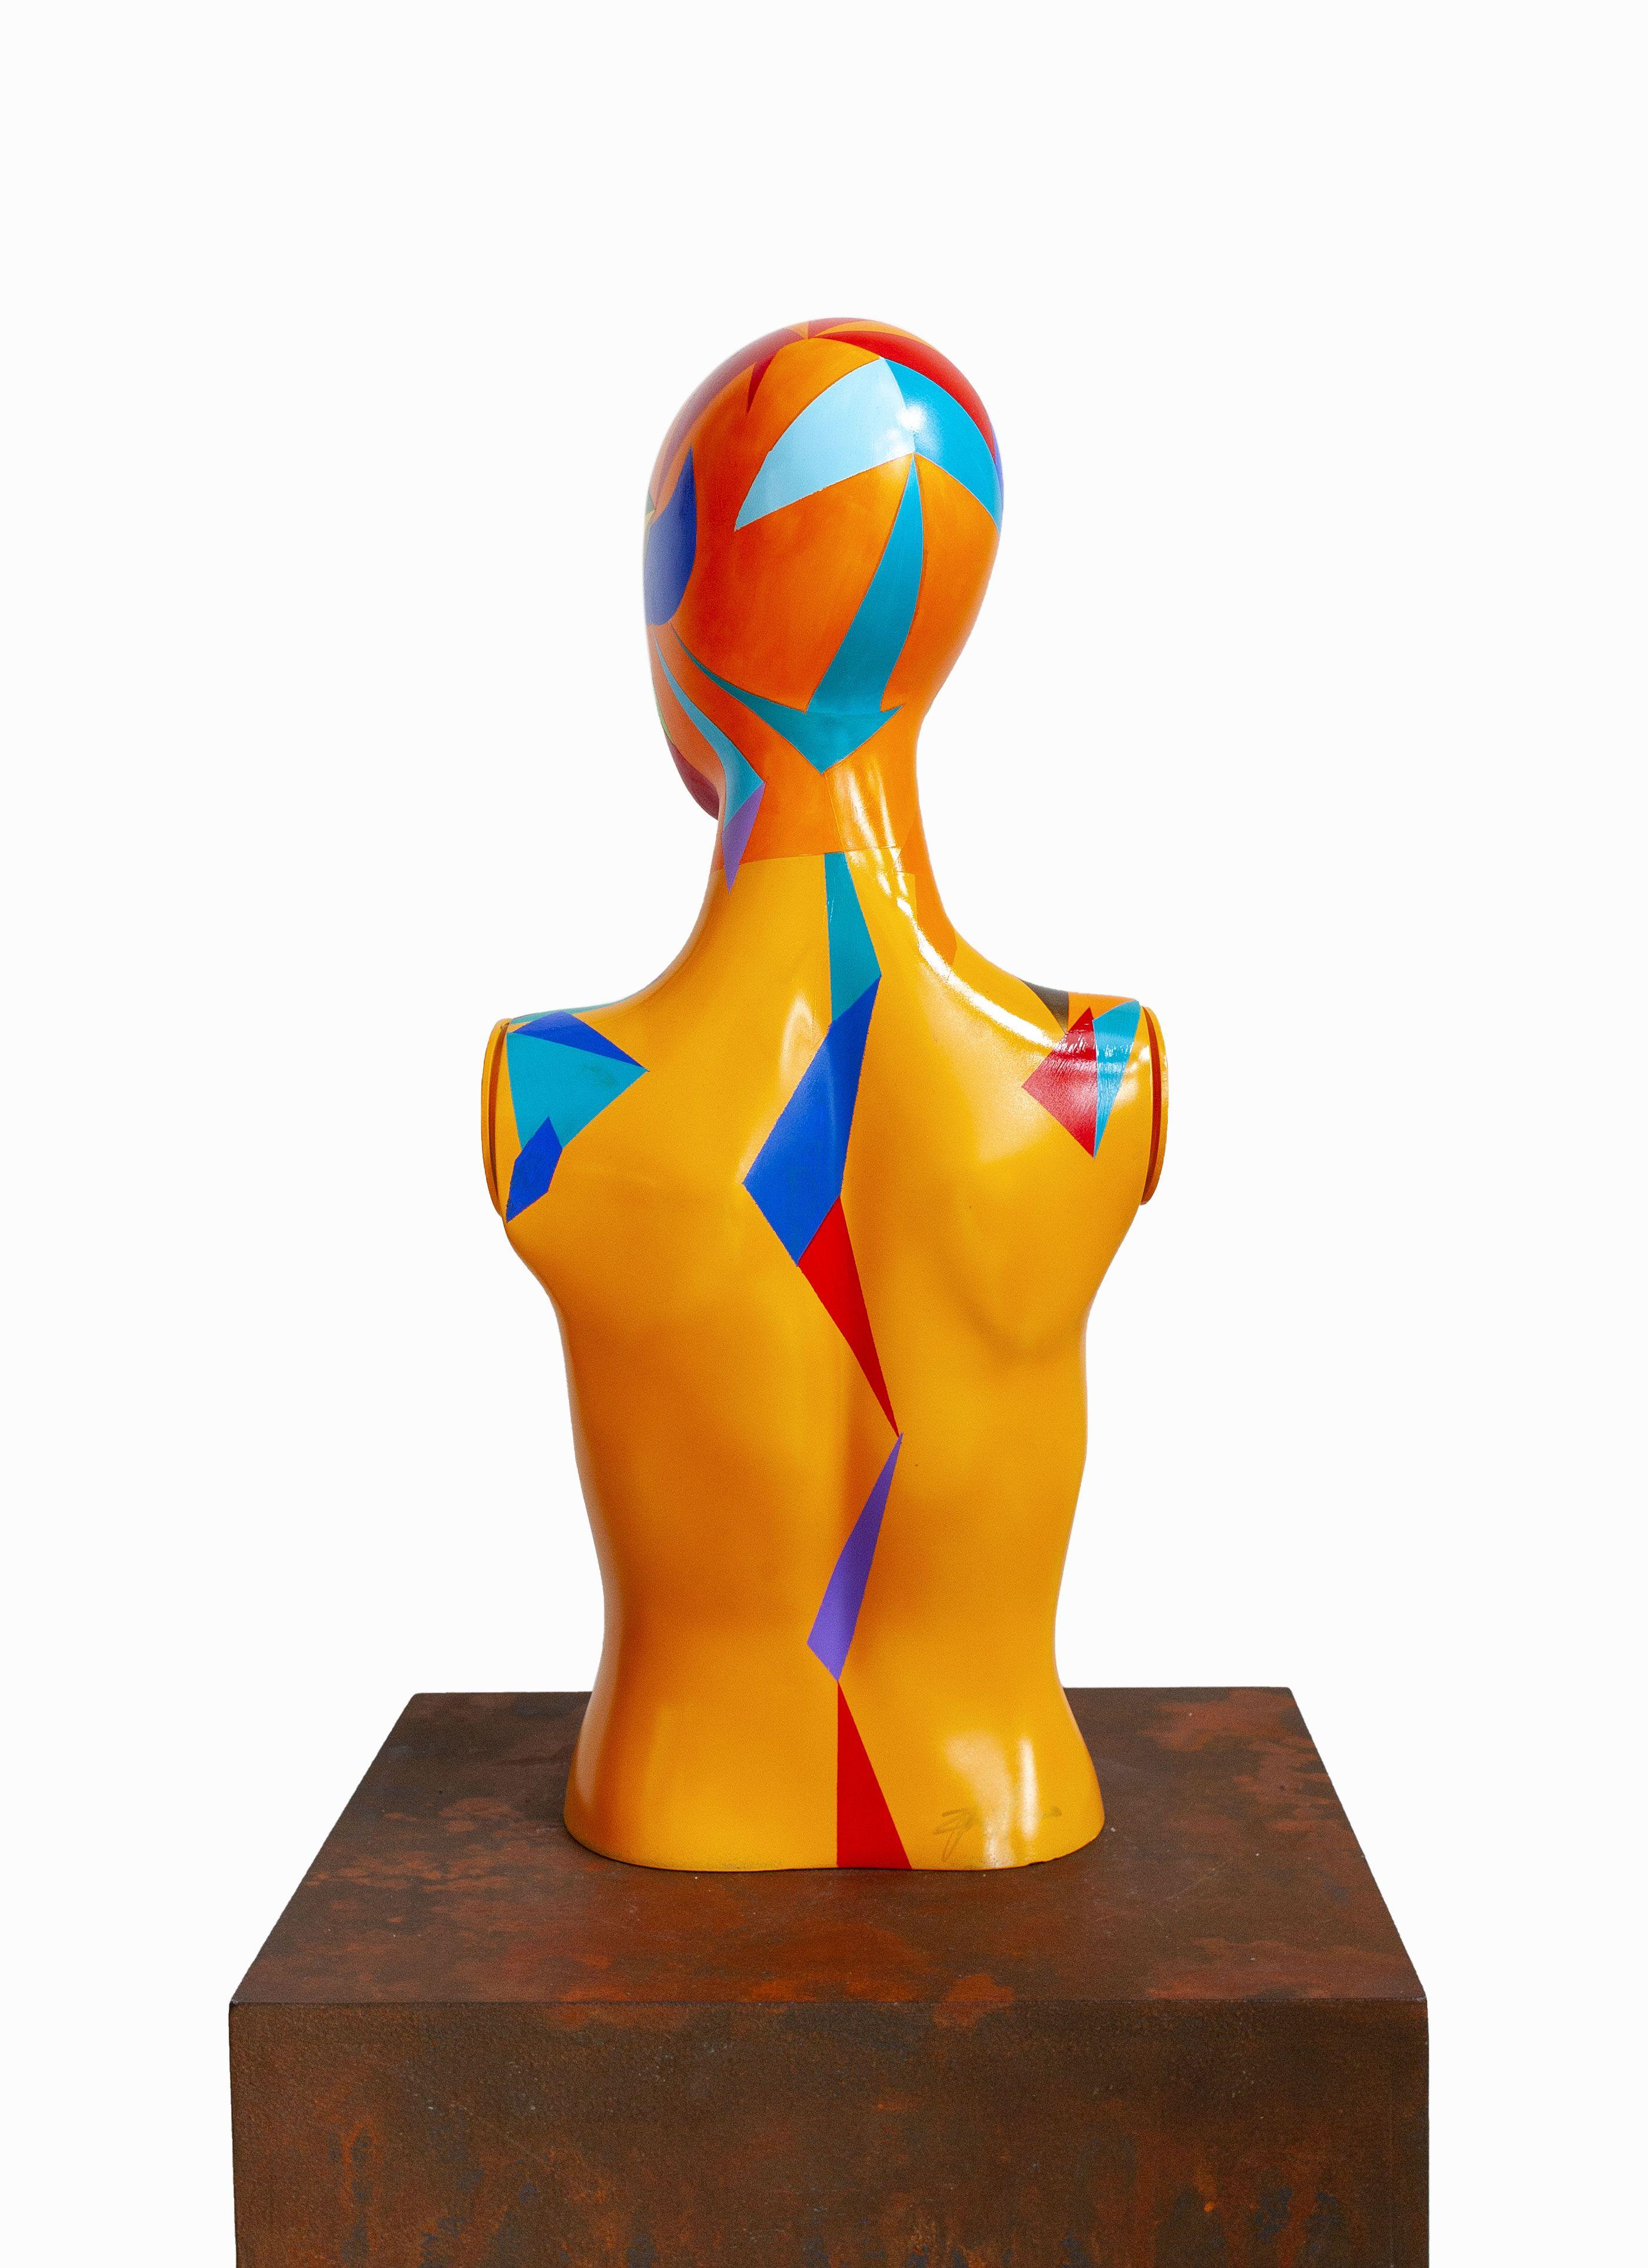 Victoria by Massimo Zerbini